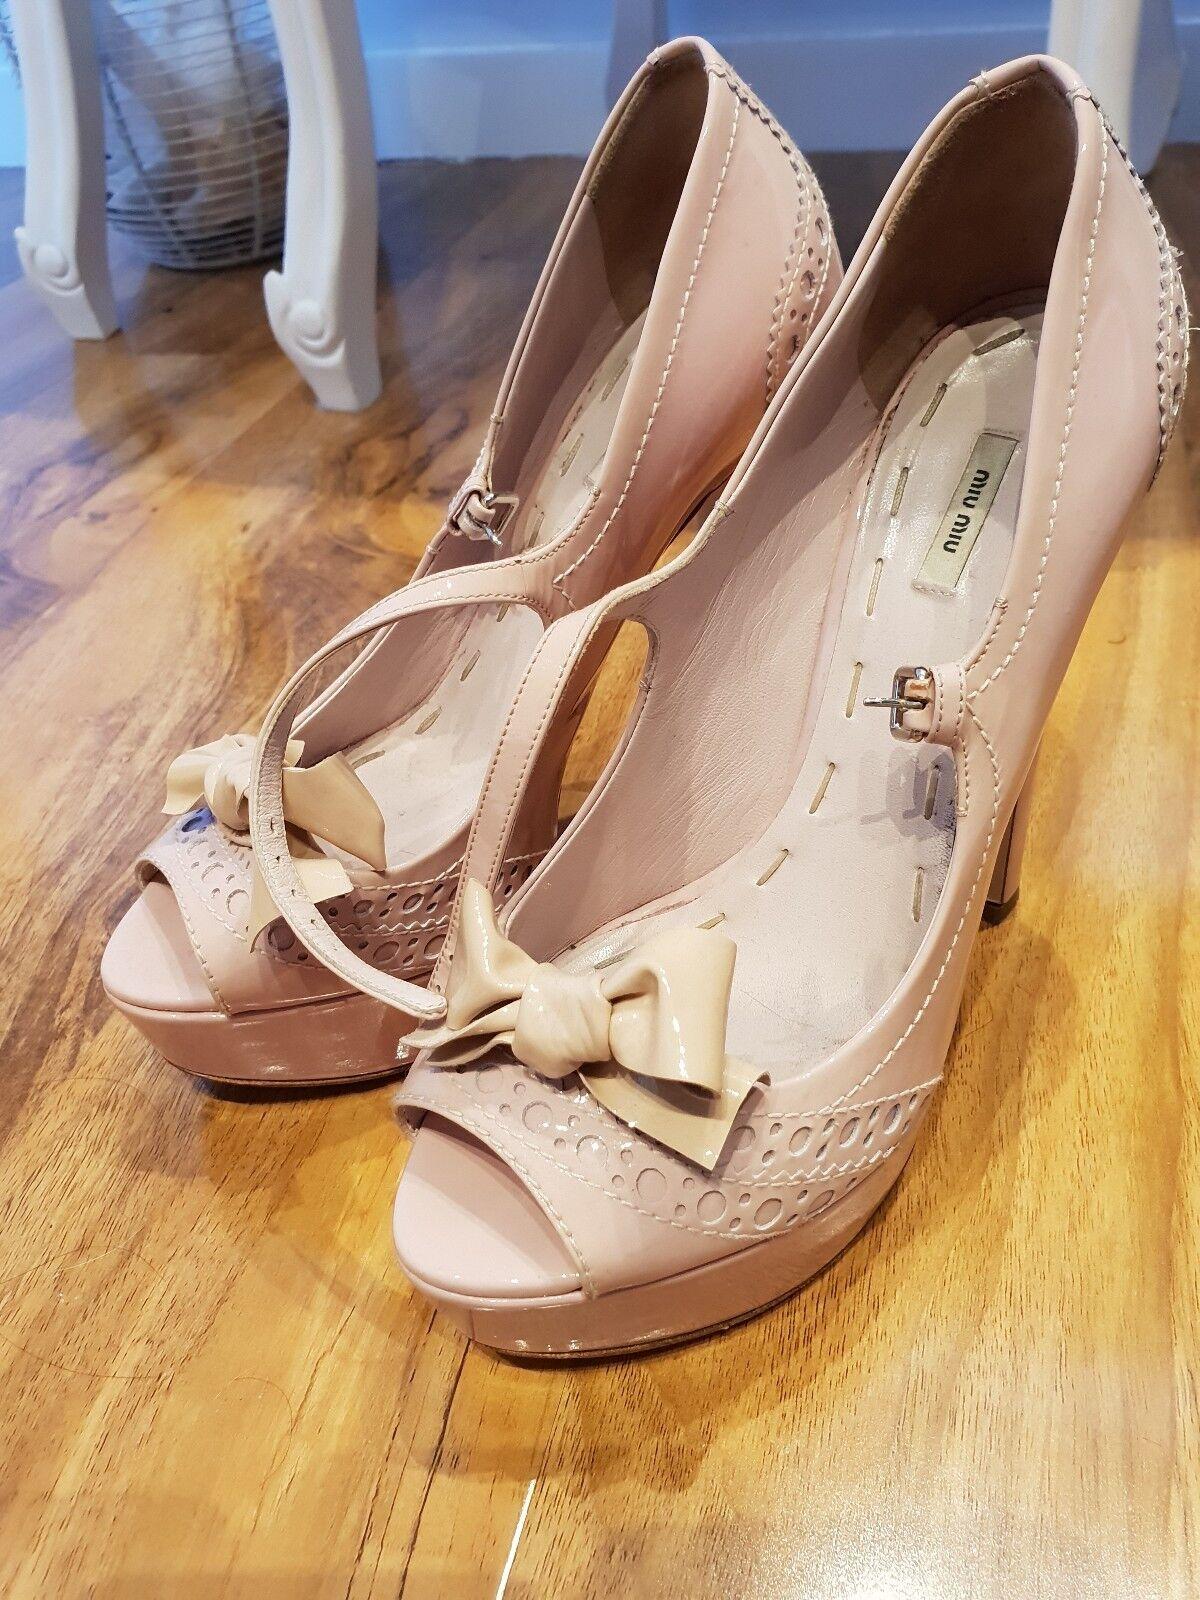 Miu miu patent peeptoe shoes size 37 uk 4